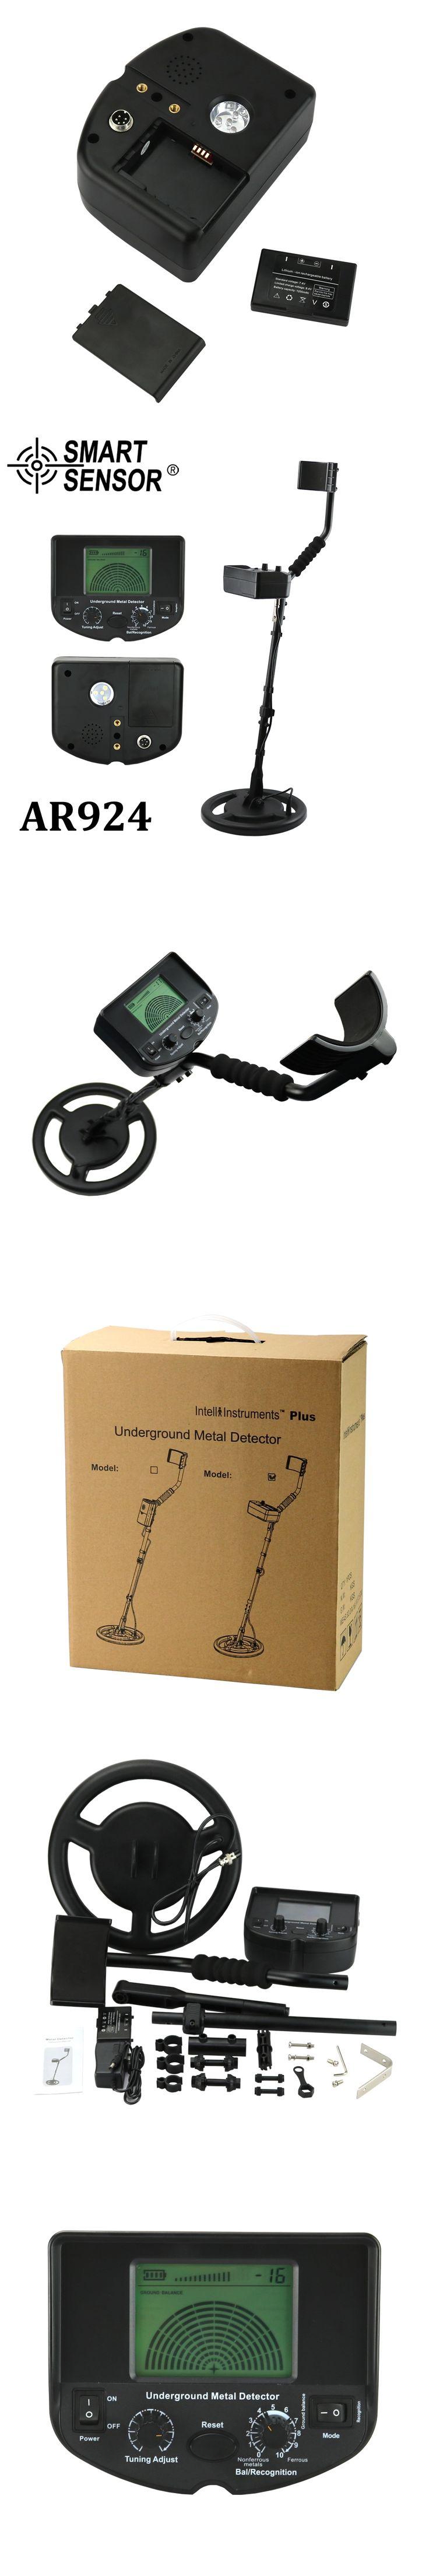 Underground Metal Detector gold detector digger treasure hunter Smart Sensor AR924+ Professional metal detector price depth 1.5m